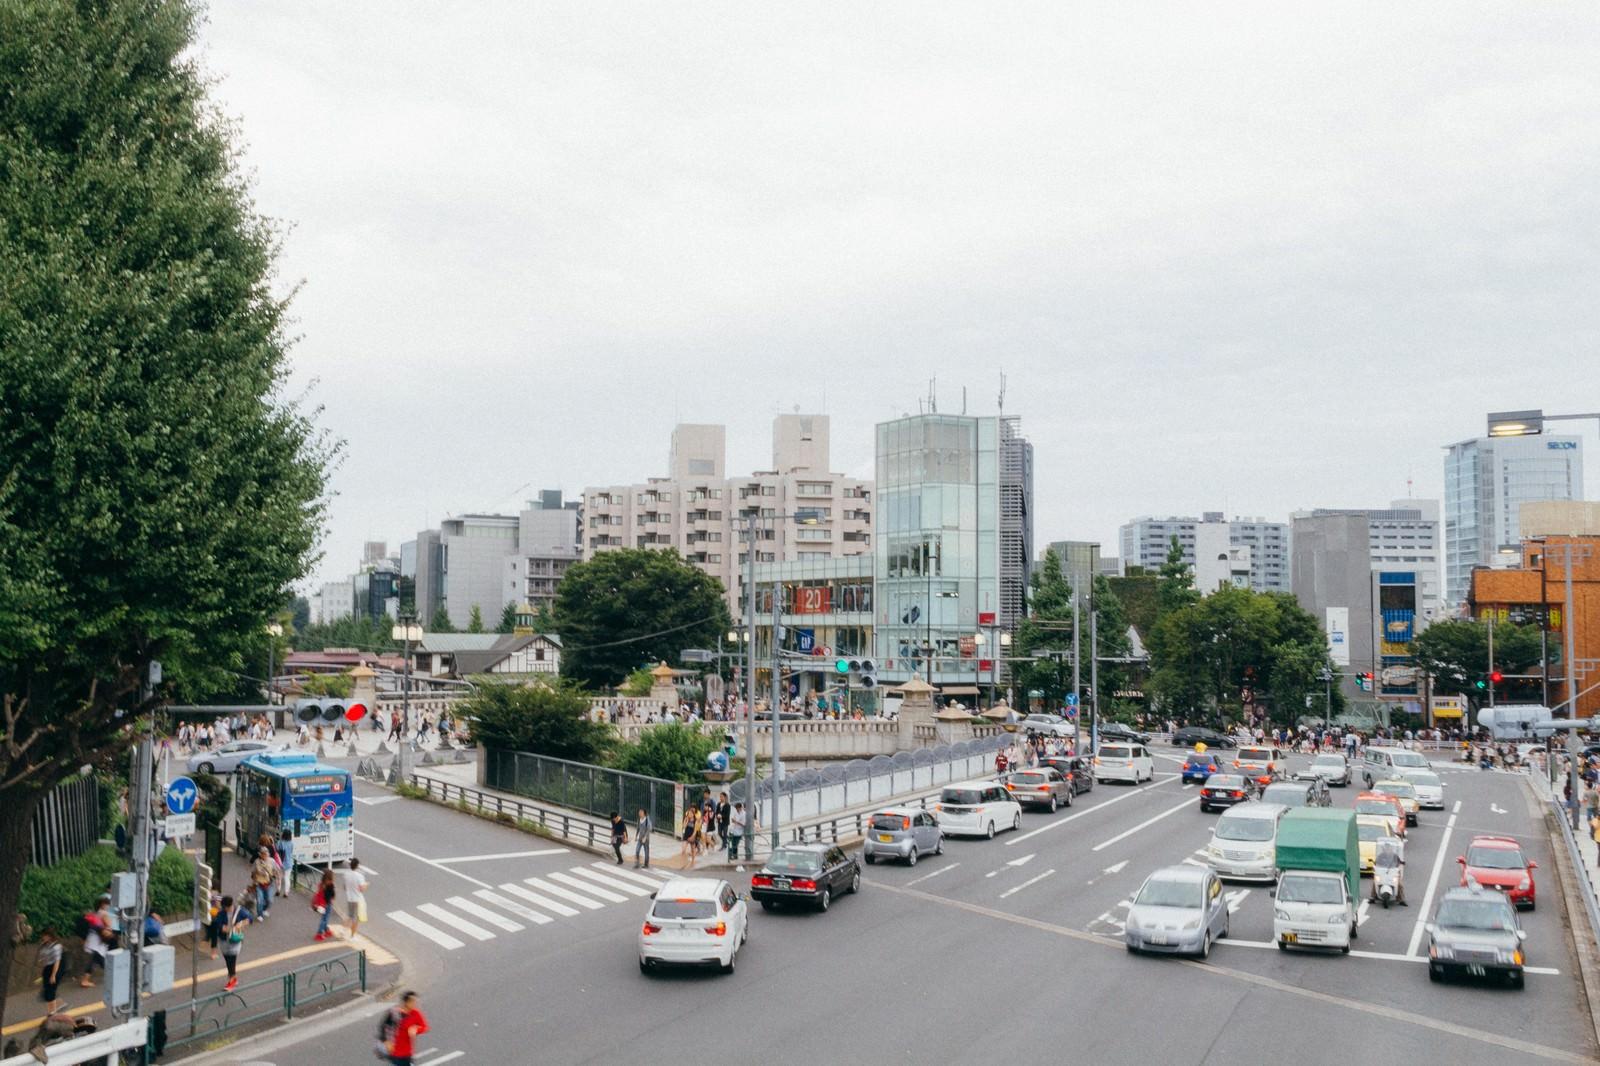 「原宿駅前の交差点 | 写真の無料素材・フリー素材 - ぱくたそ」の写真